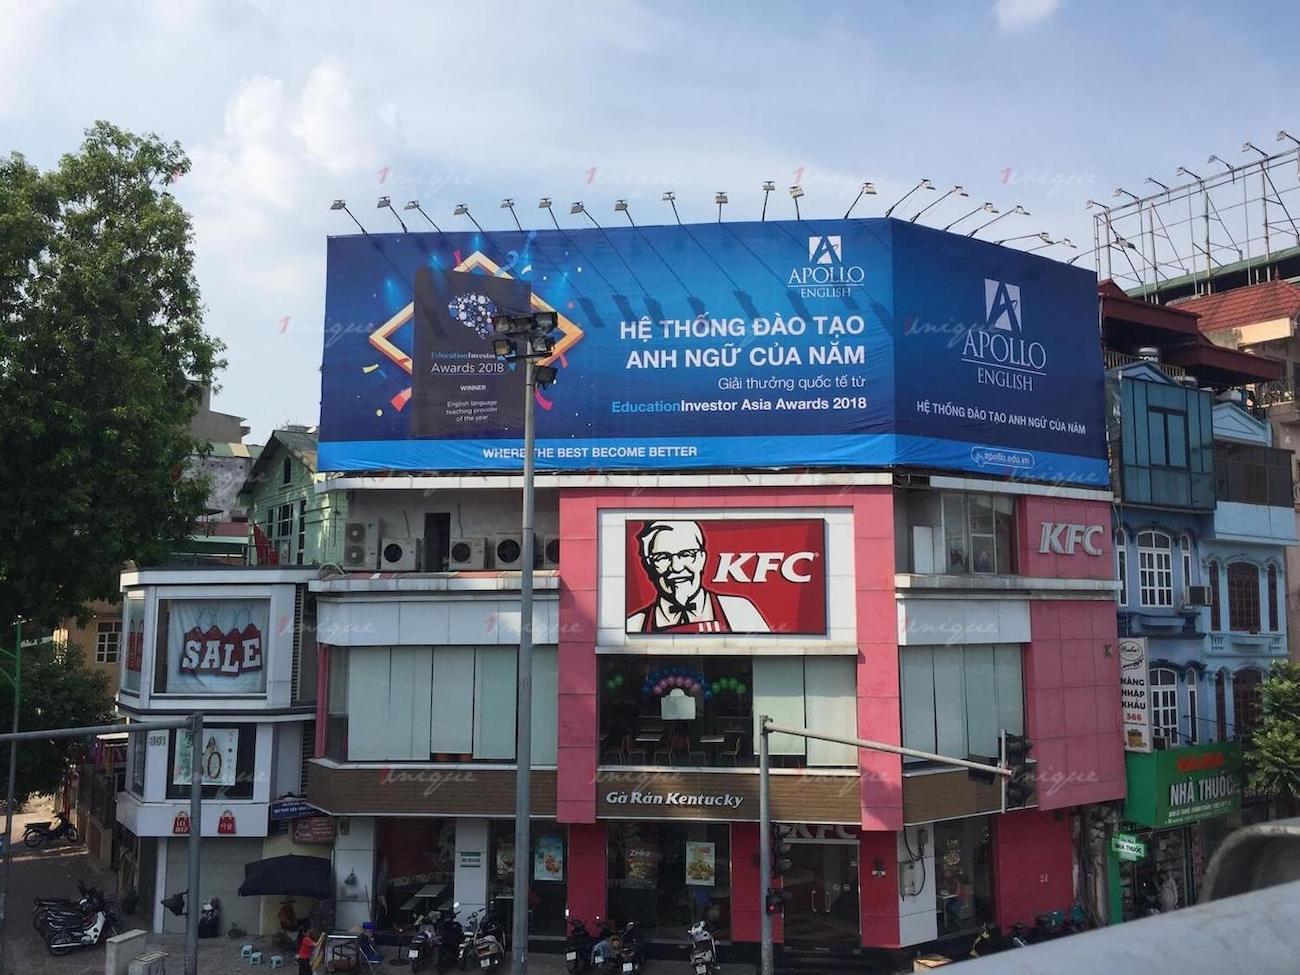 Pano quảng cáo tại 353 phố Huế, ngã 4 Đại Cồ Việt - Trần Khát Chân